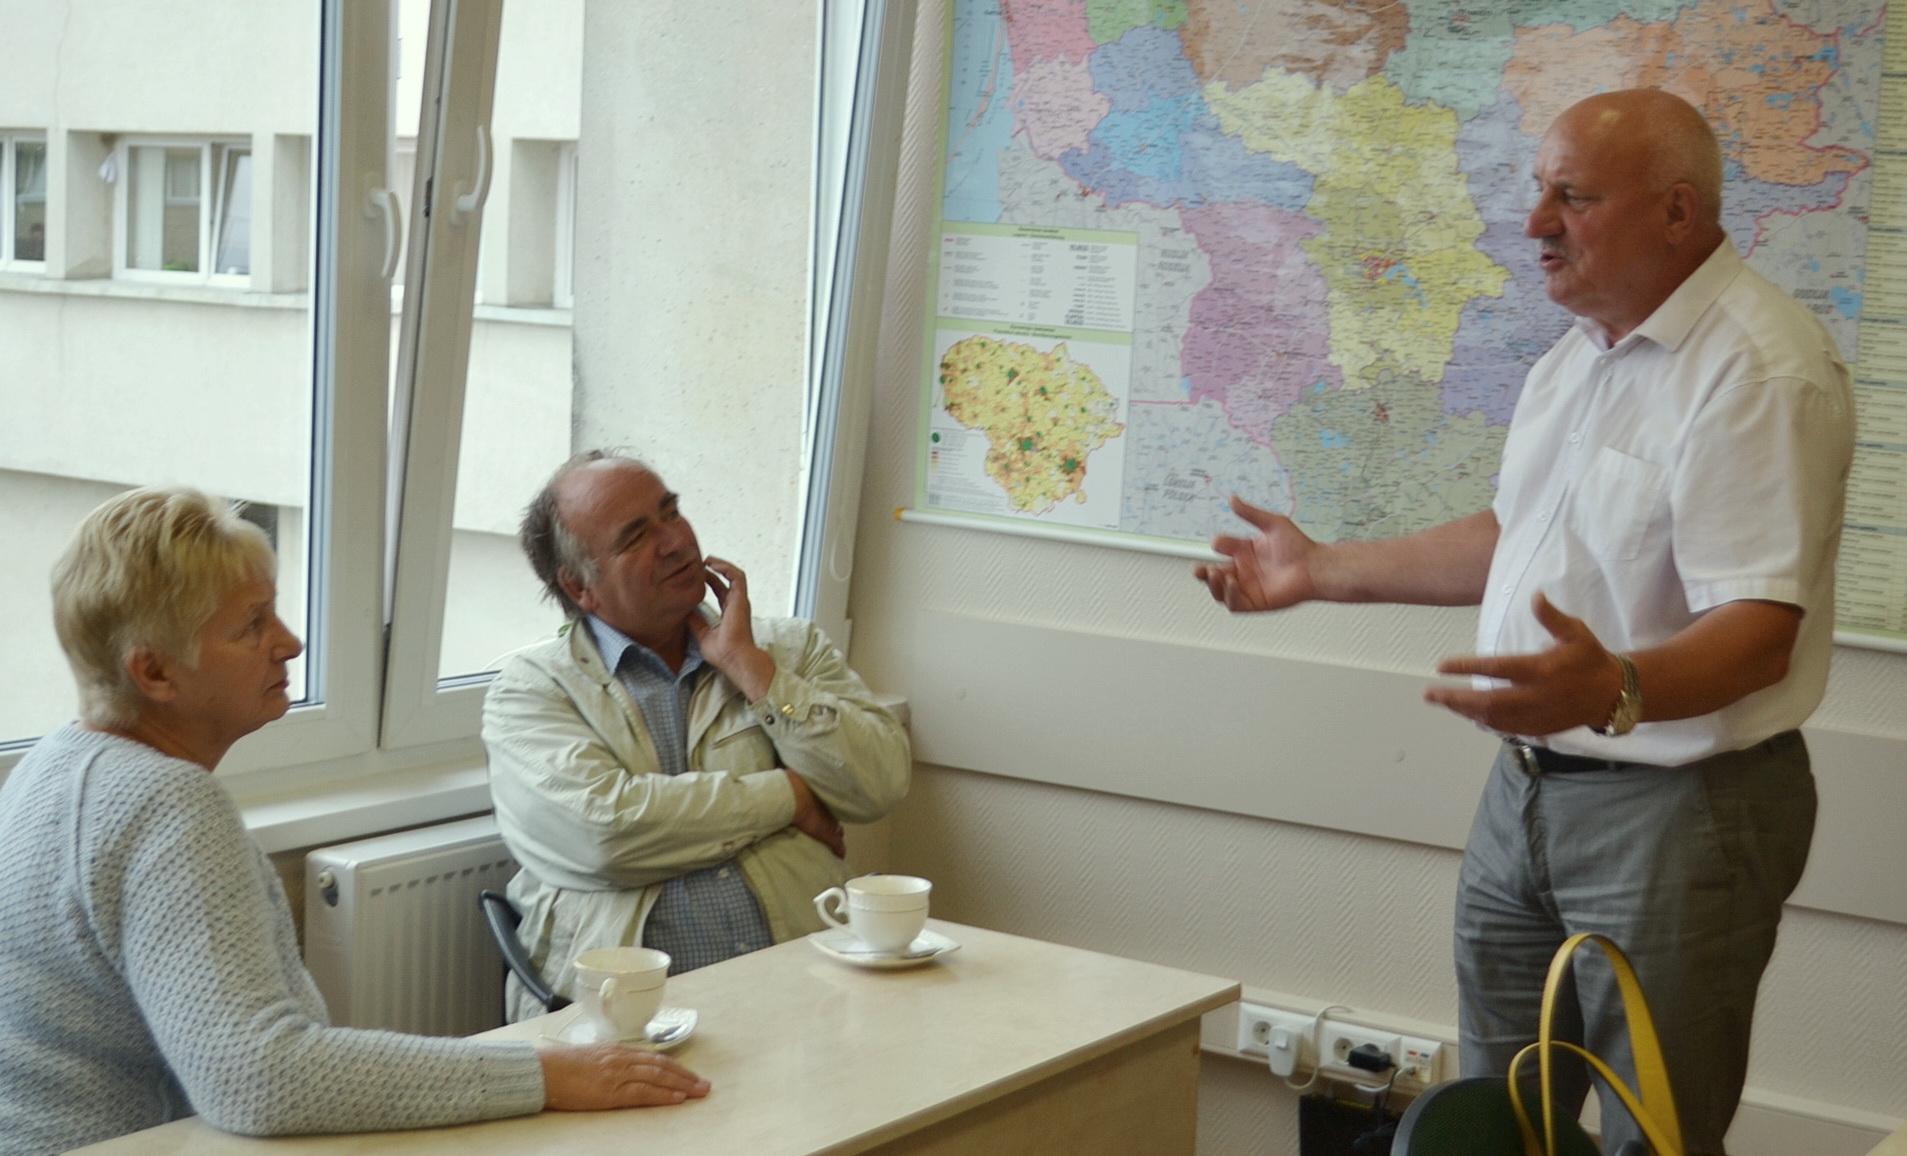 Valdžios Sigitas (Sigitas Šeputis), vos įėjęs į salę, rado kalbos su Stase ir Sigitu, bet ne apie kavą ir jos kainą.